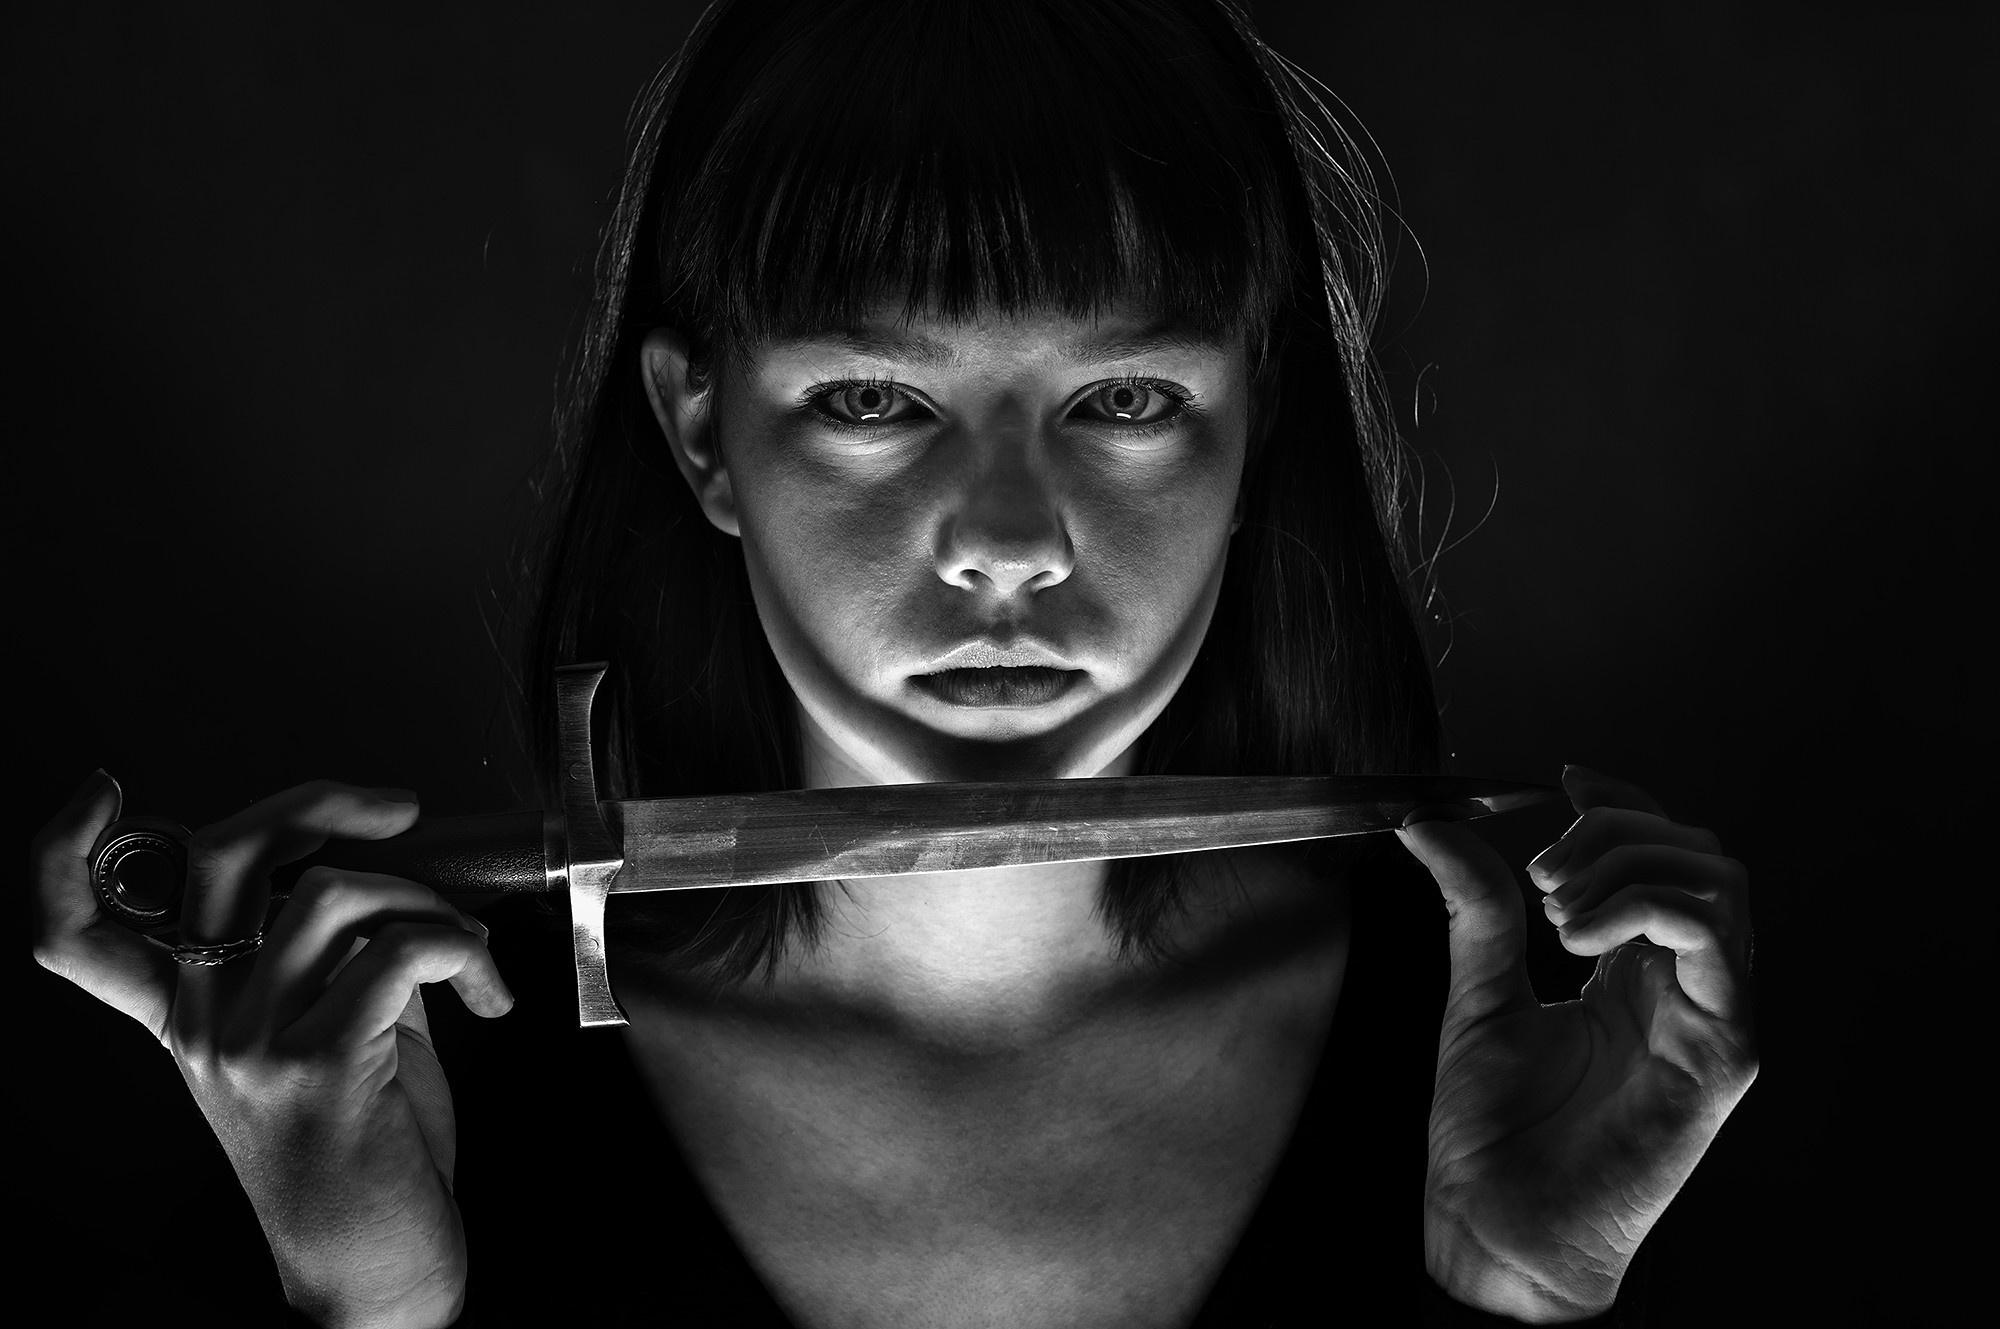 Девушки с ножами